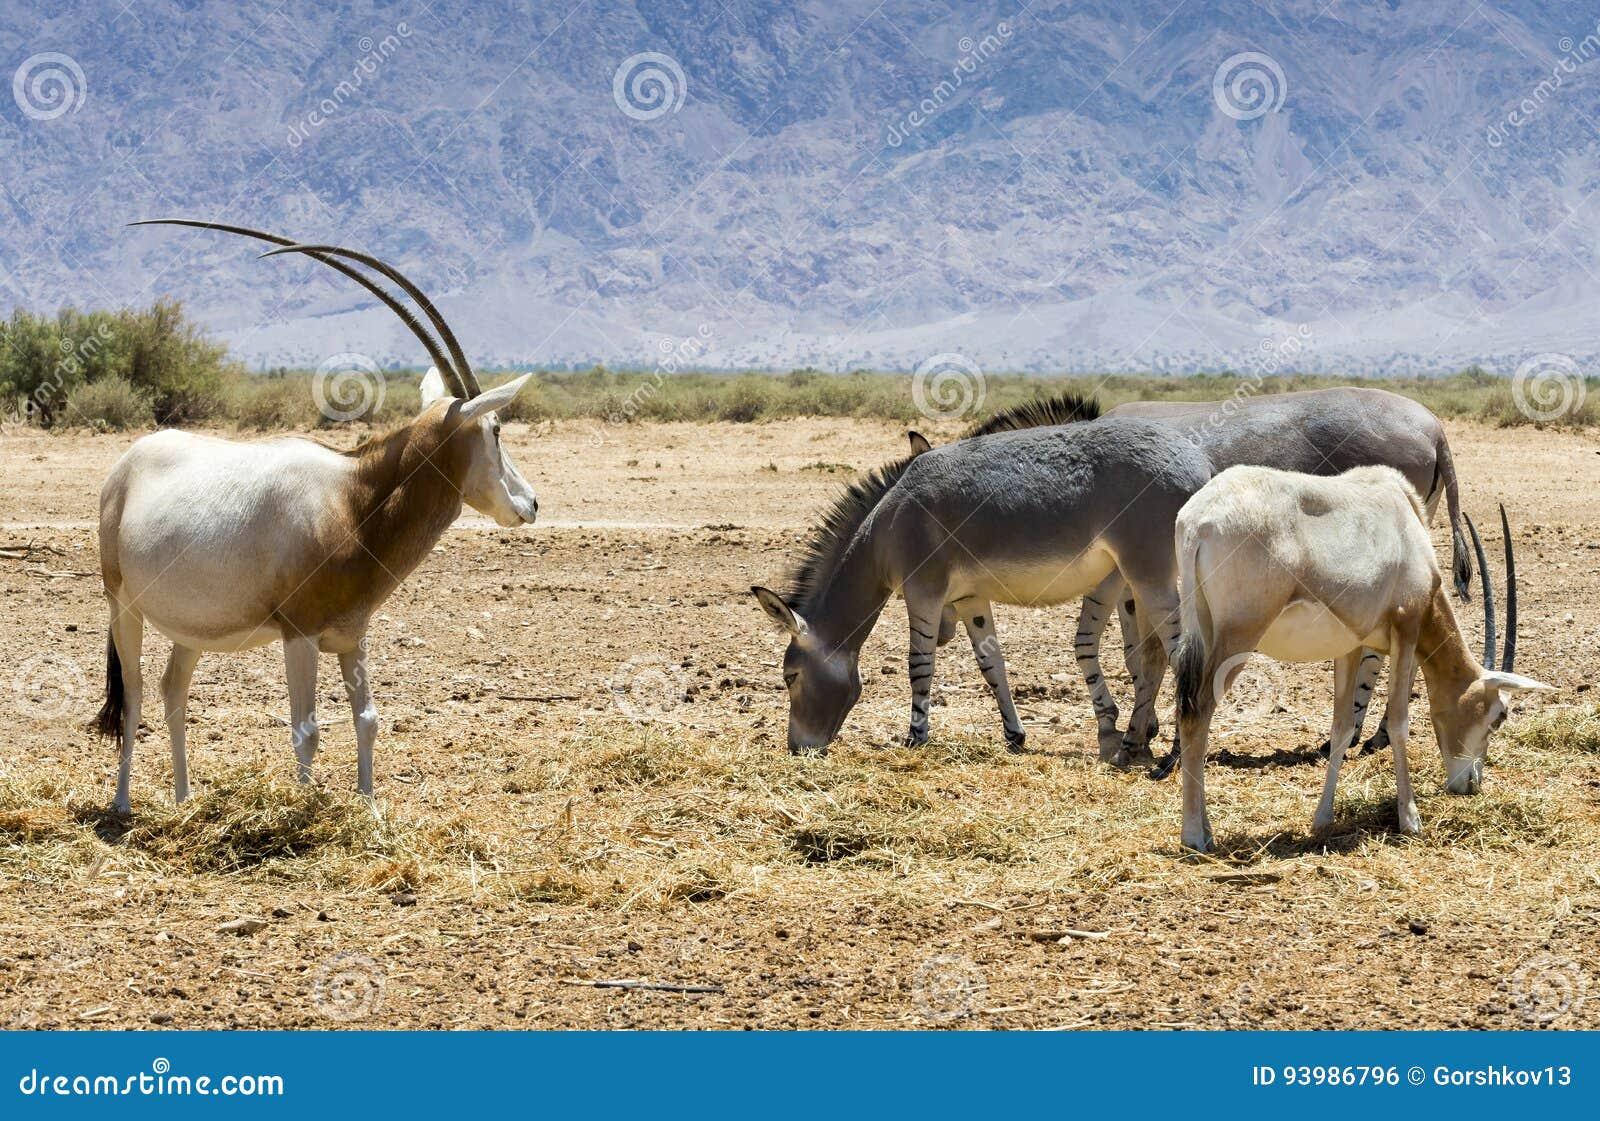 Familias de leucoryx del Oryx del Oryx del cuerno de la cimitarra del antílope y de africanus salvaje somalí del Equus del burro